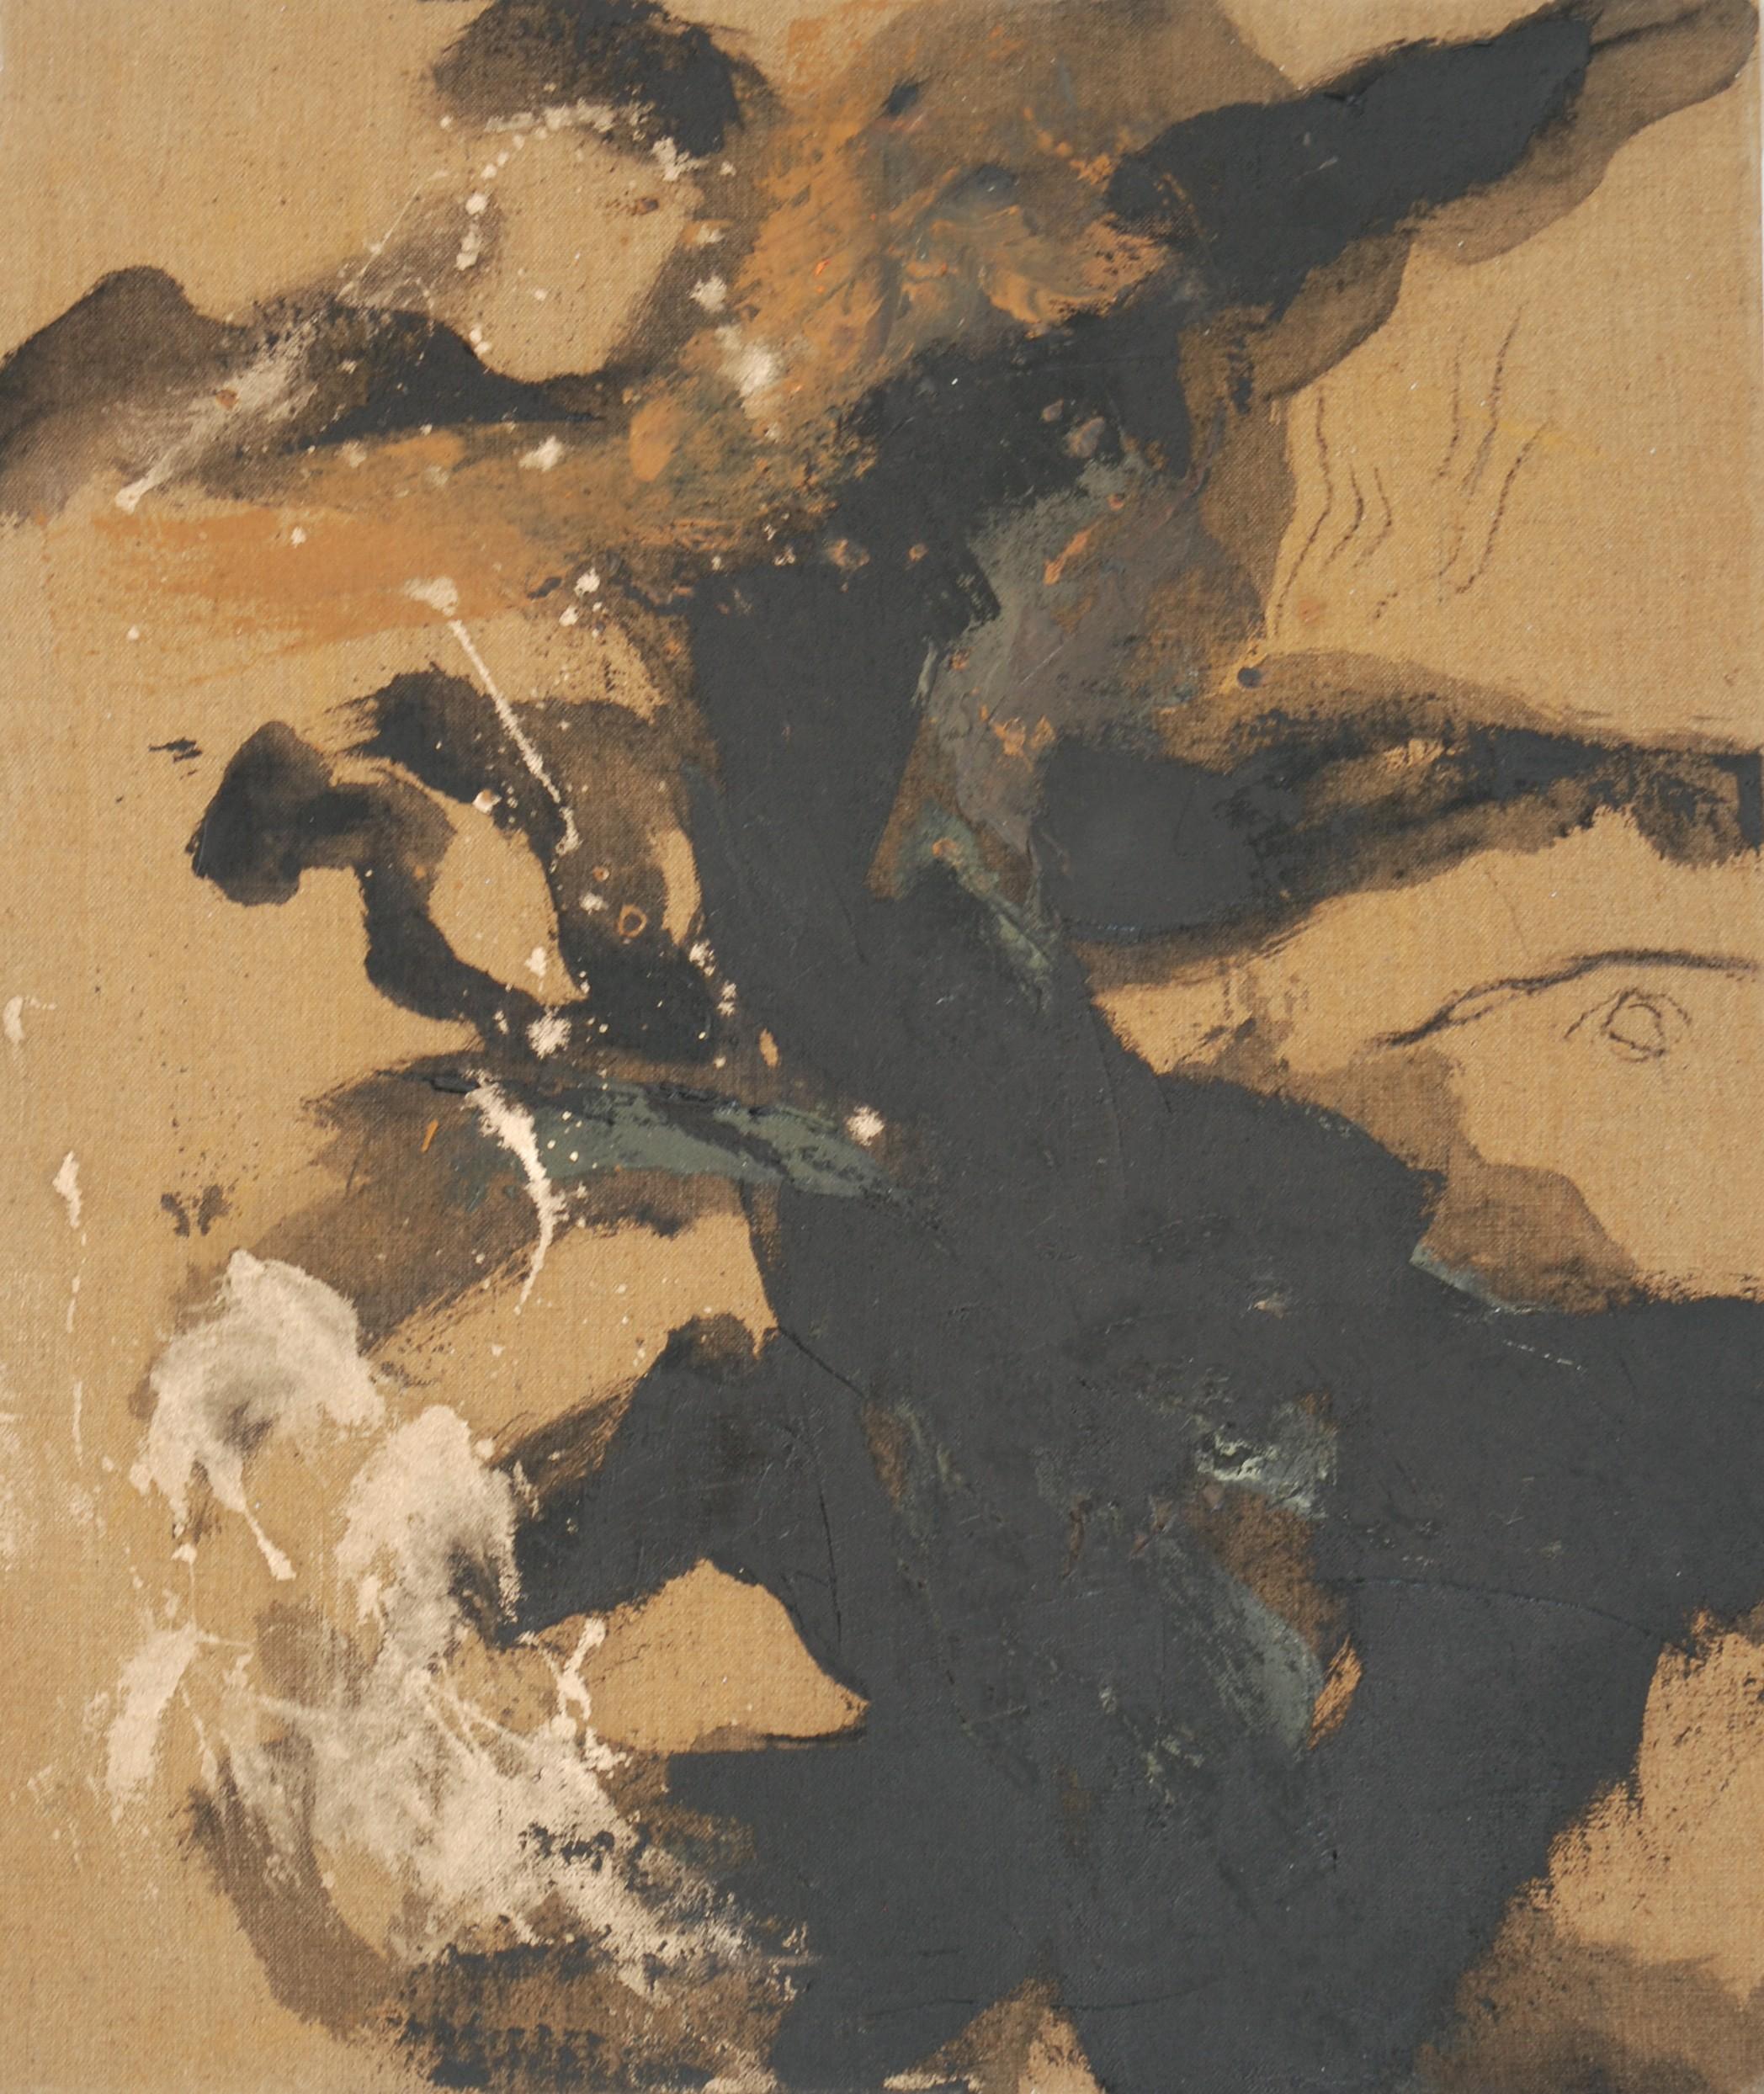 métamorphose 9 huile sur toile 65x55 cm